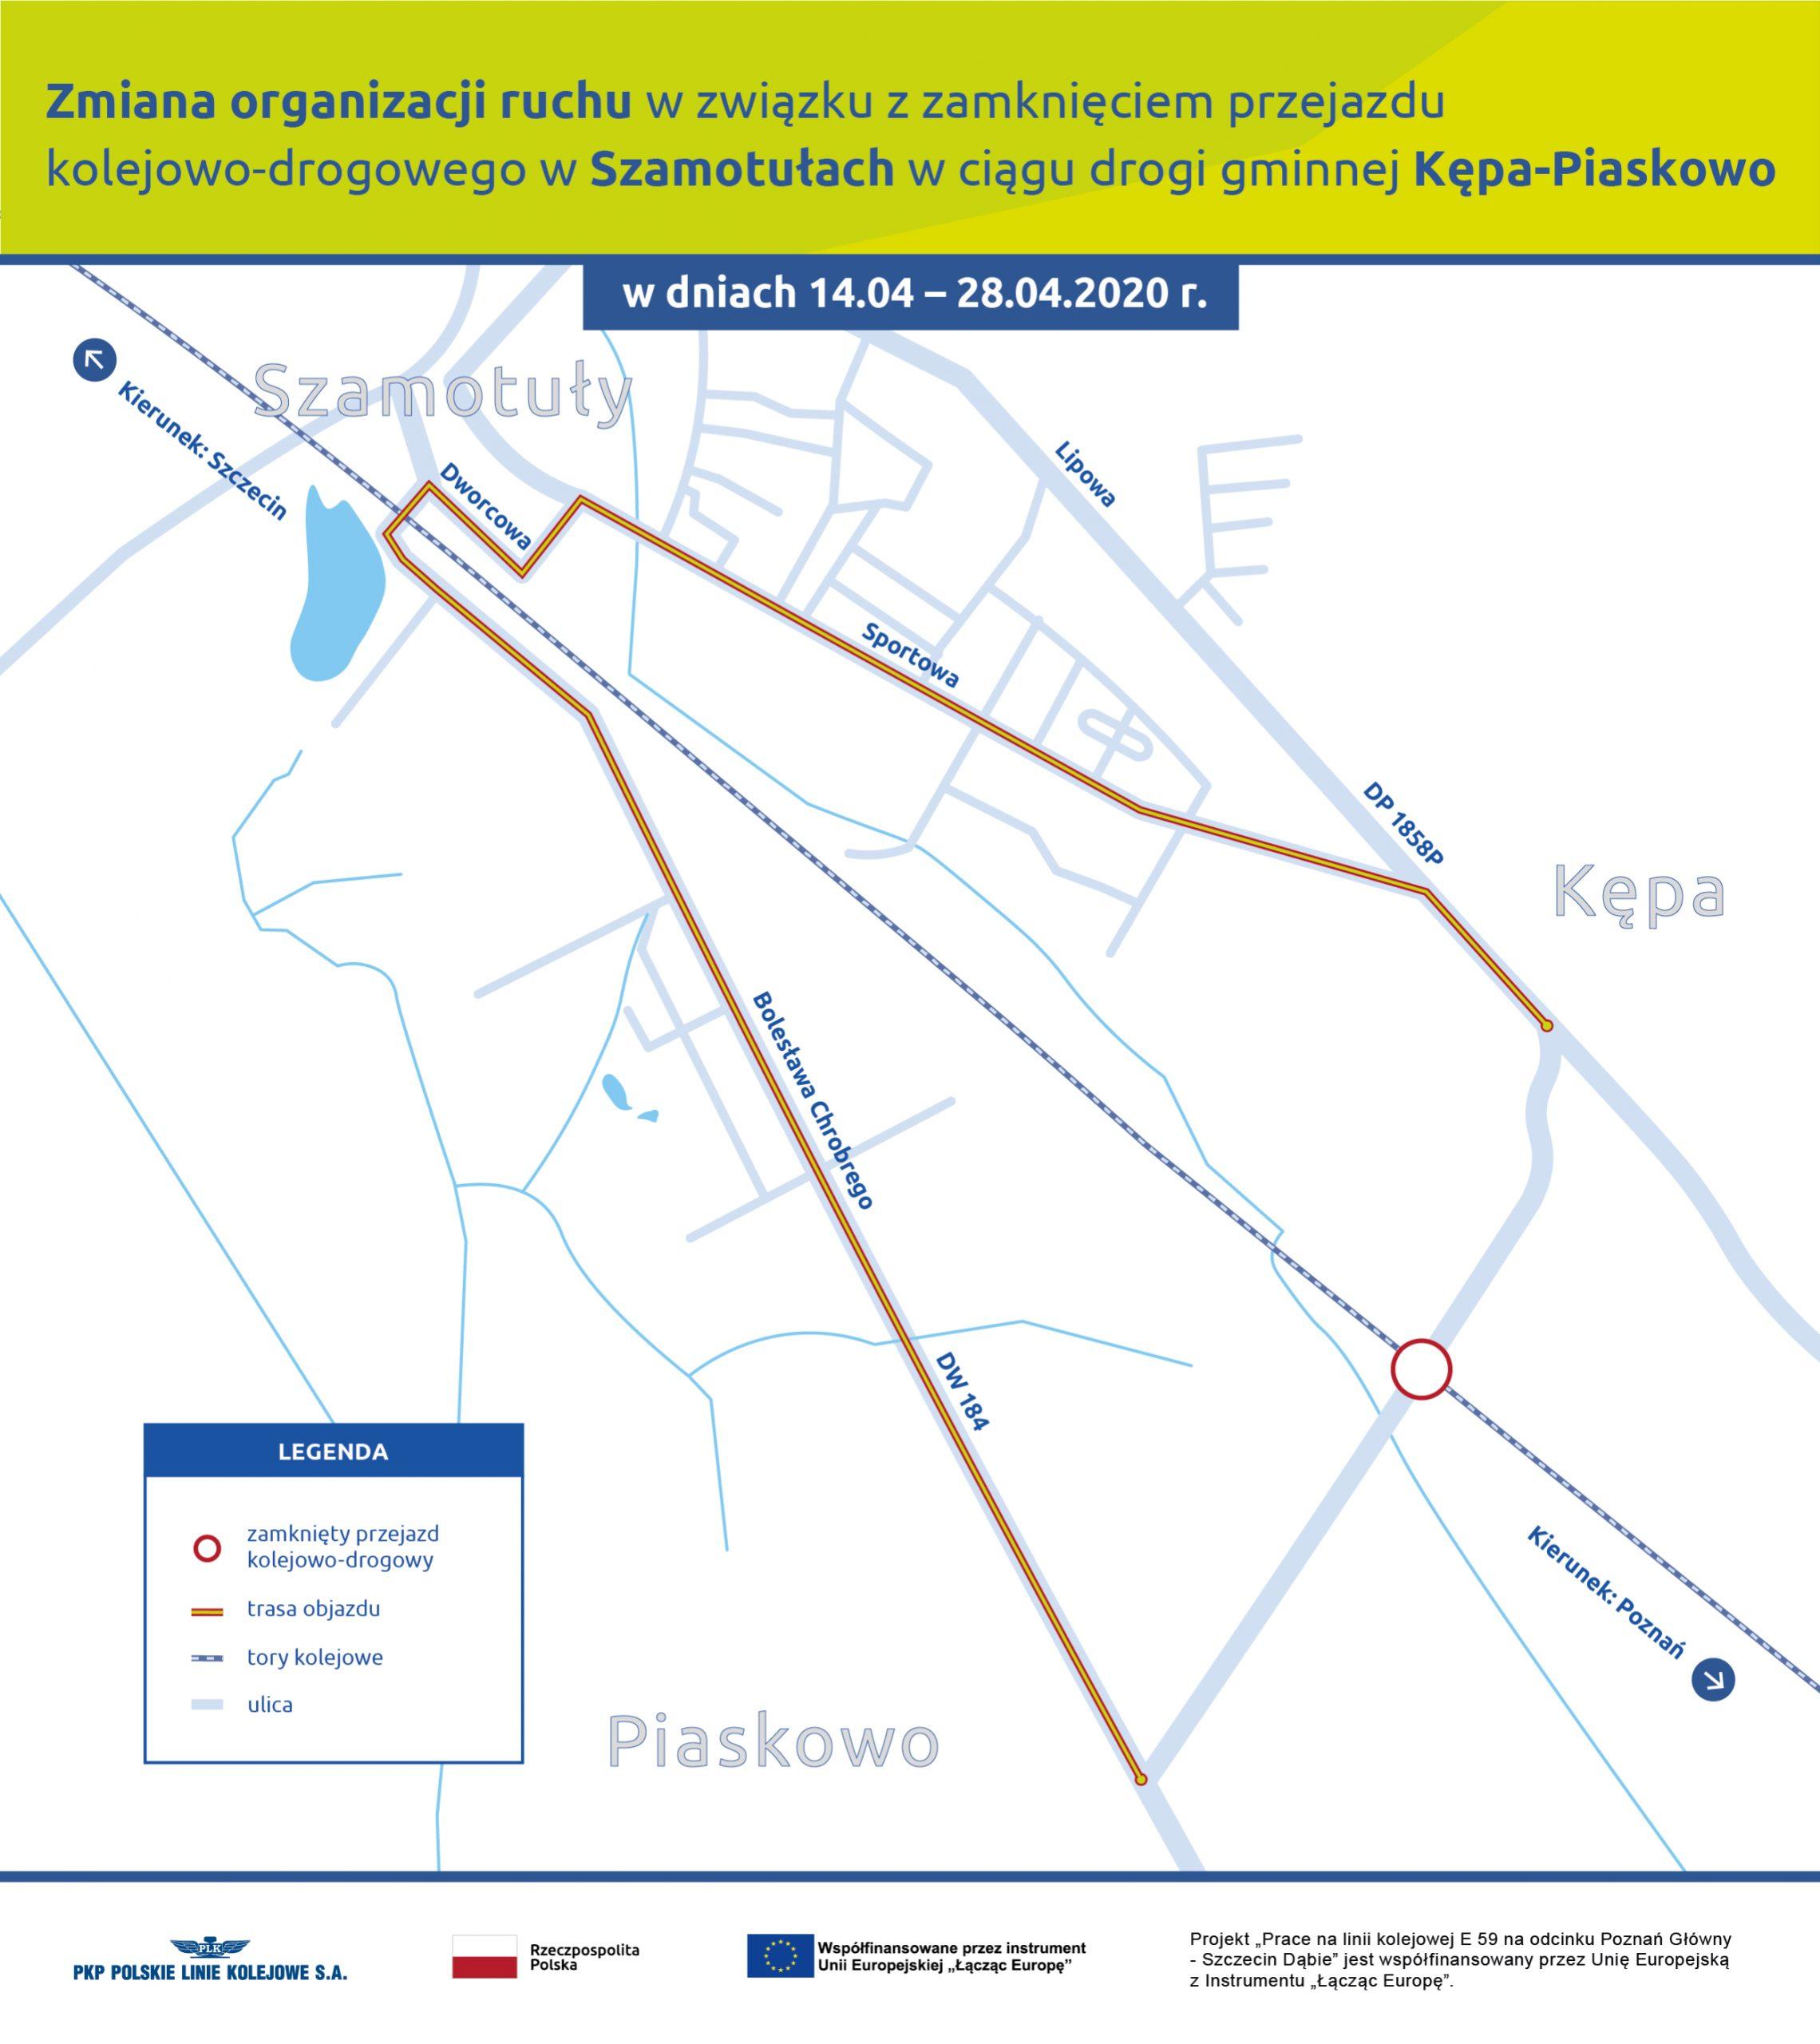 Zmiana organizacji ruchu wzwiązku zzamknięciem przejazdu kolejowo-drogowego  wSzamotułach wciągu drogi gminnej Kępa-Piaskowo wdniach 14.04 – 27.04.2020 r.